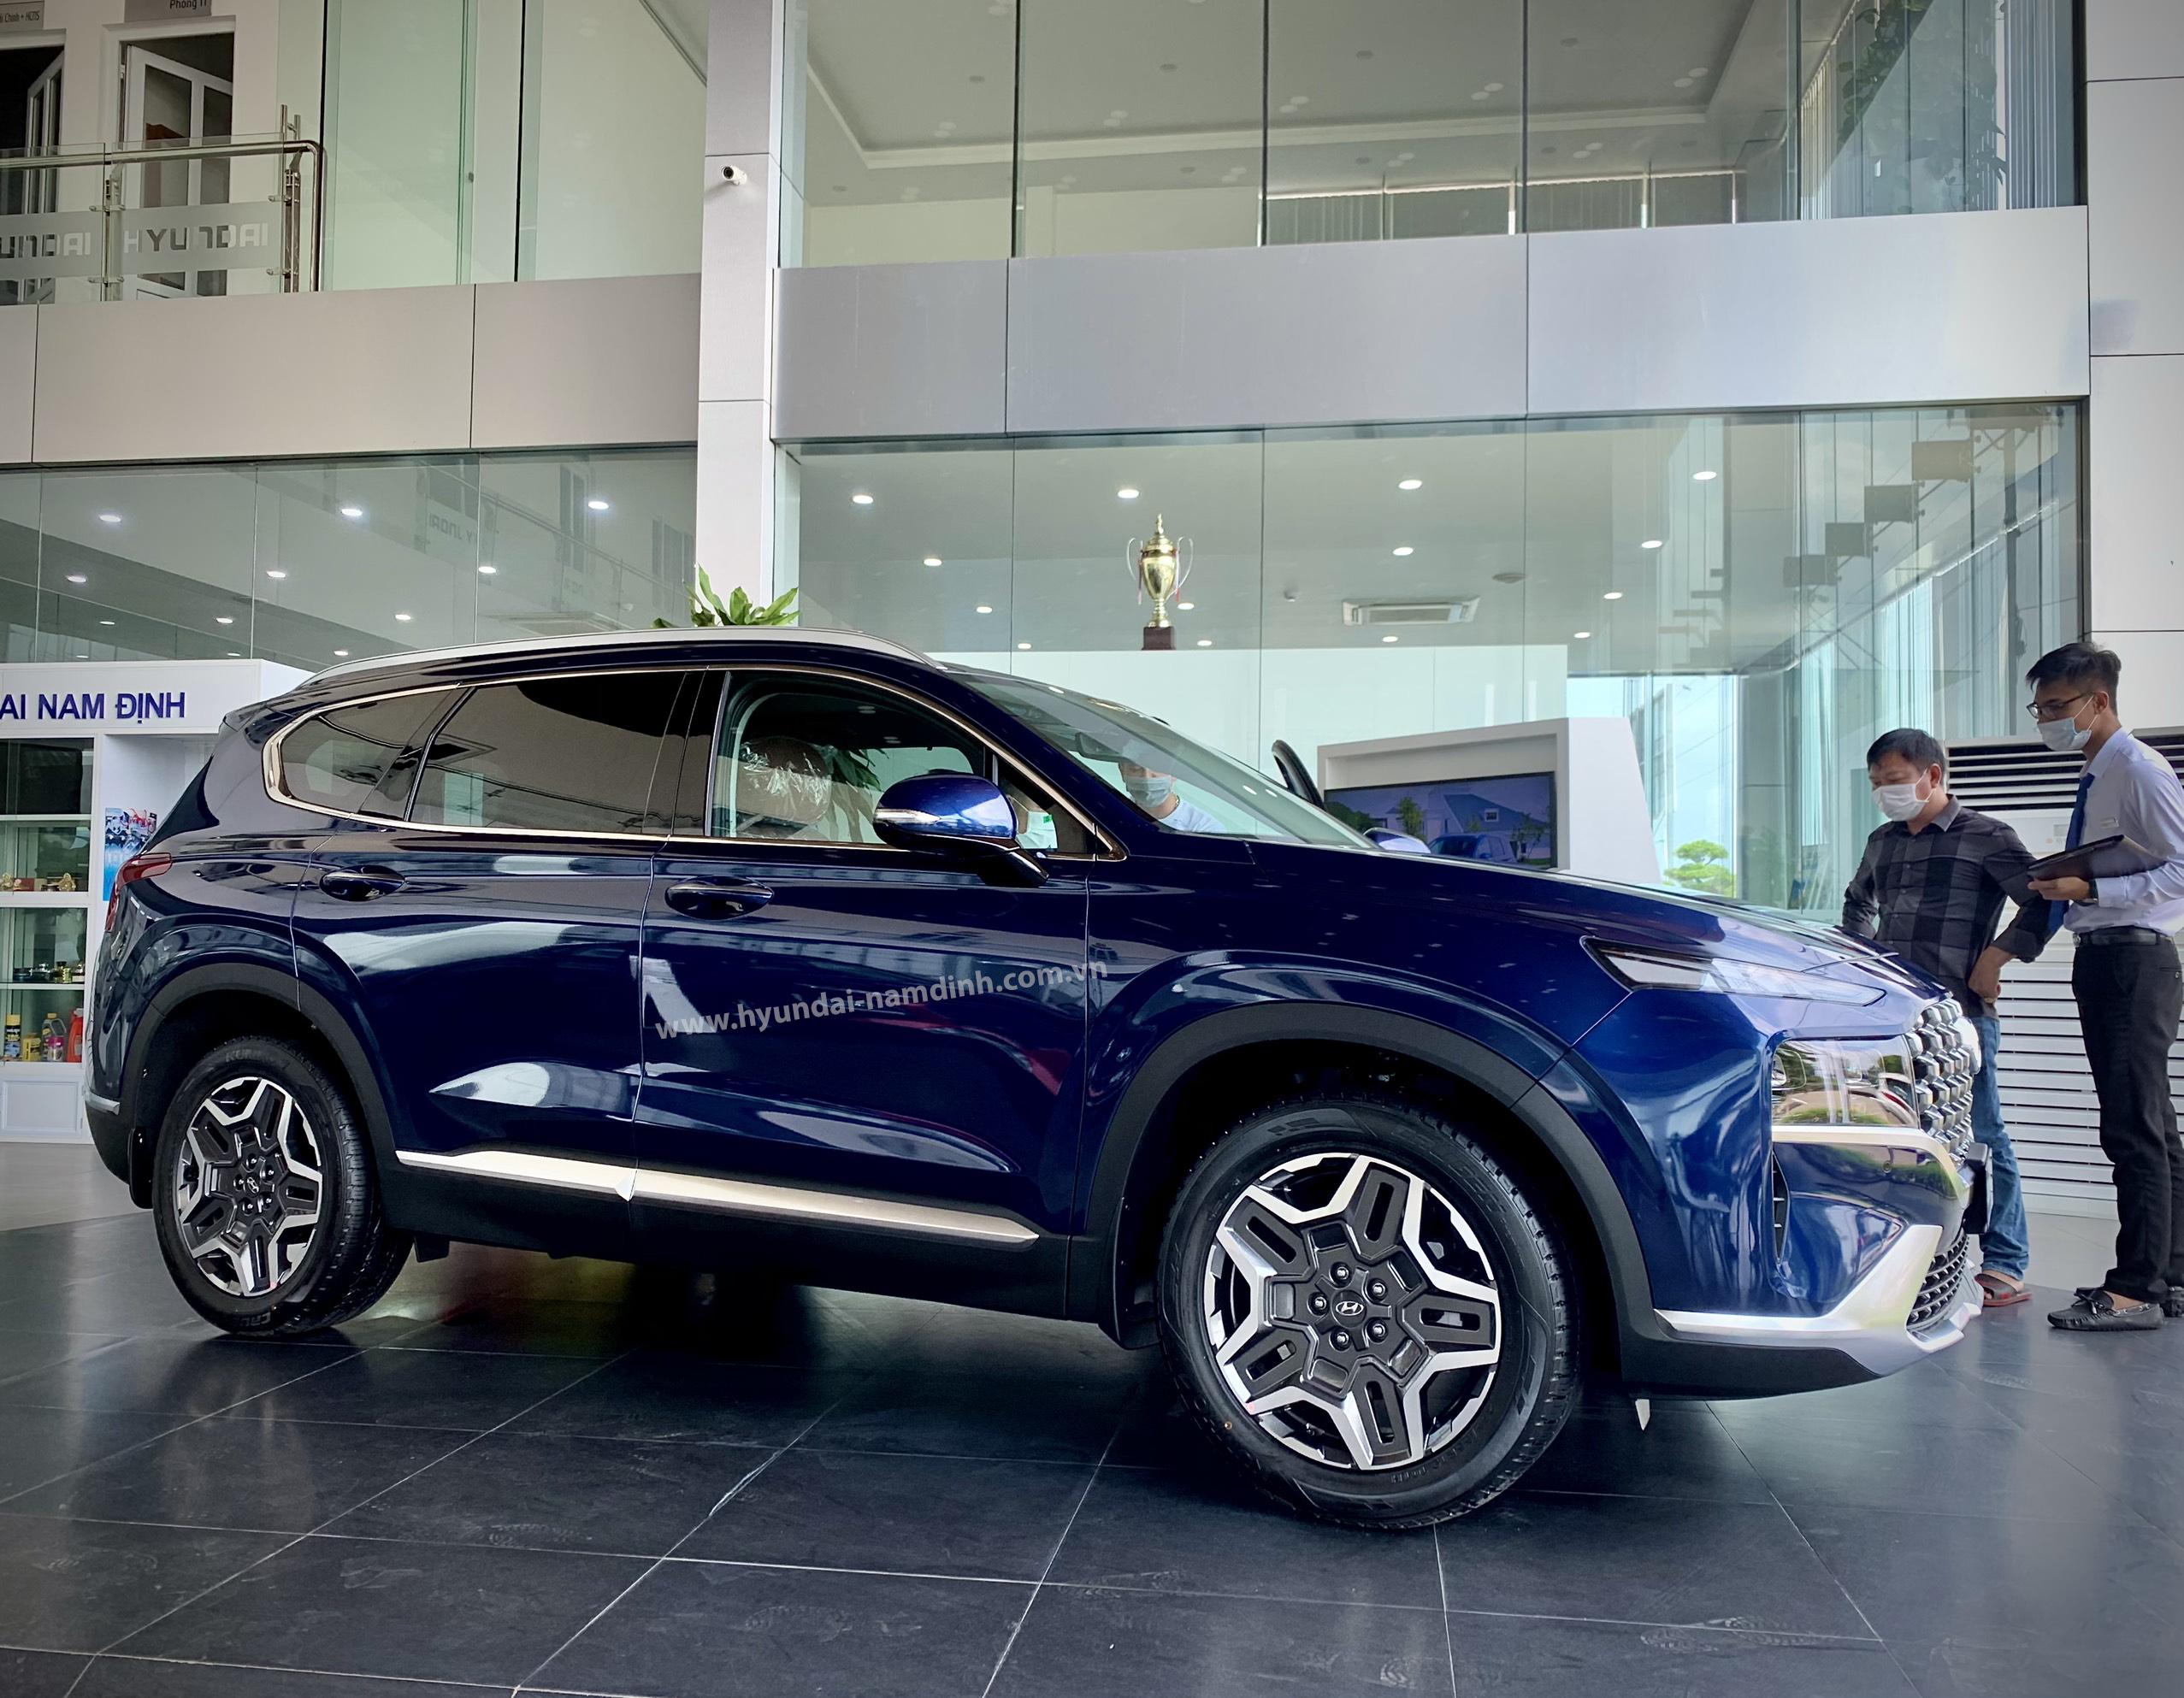 Liên hệ ngay Hyundai Nam Định để được tư vấn về Santafe 2021